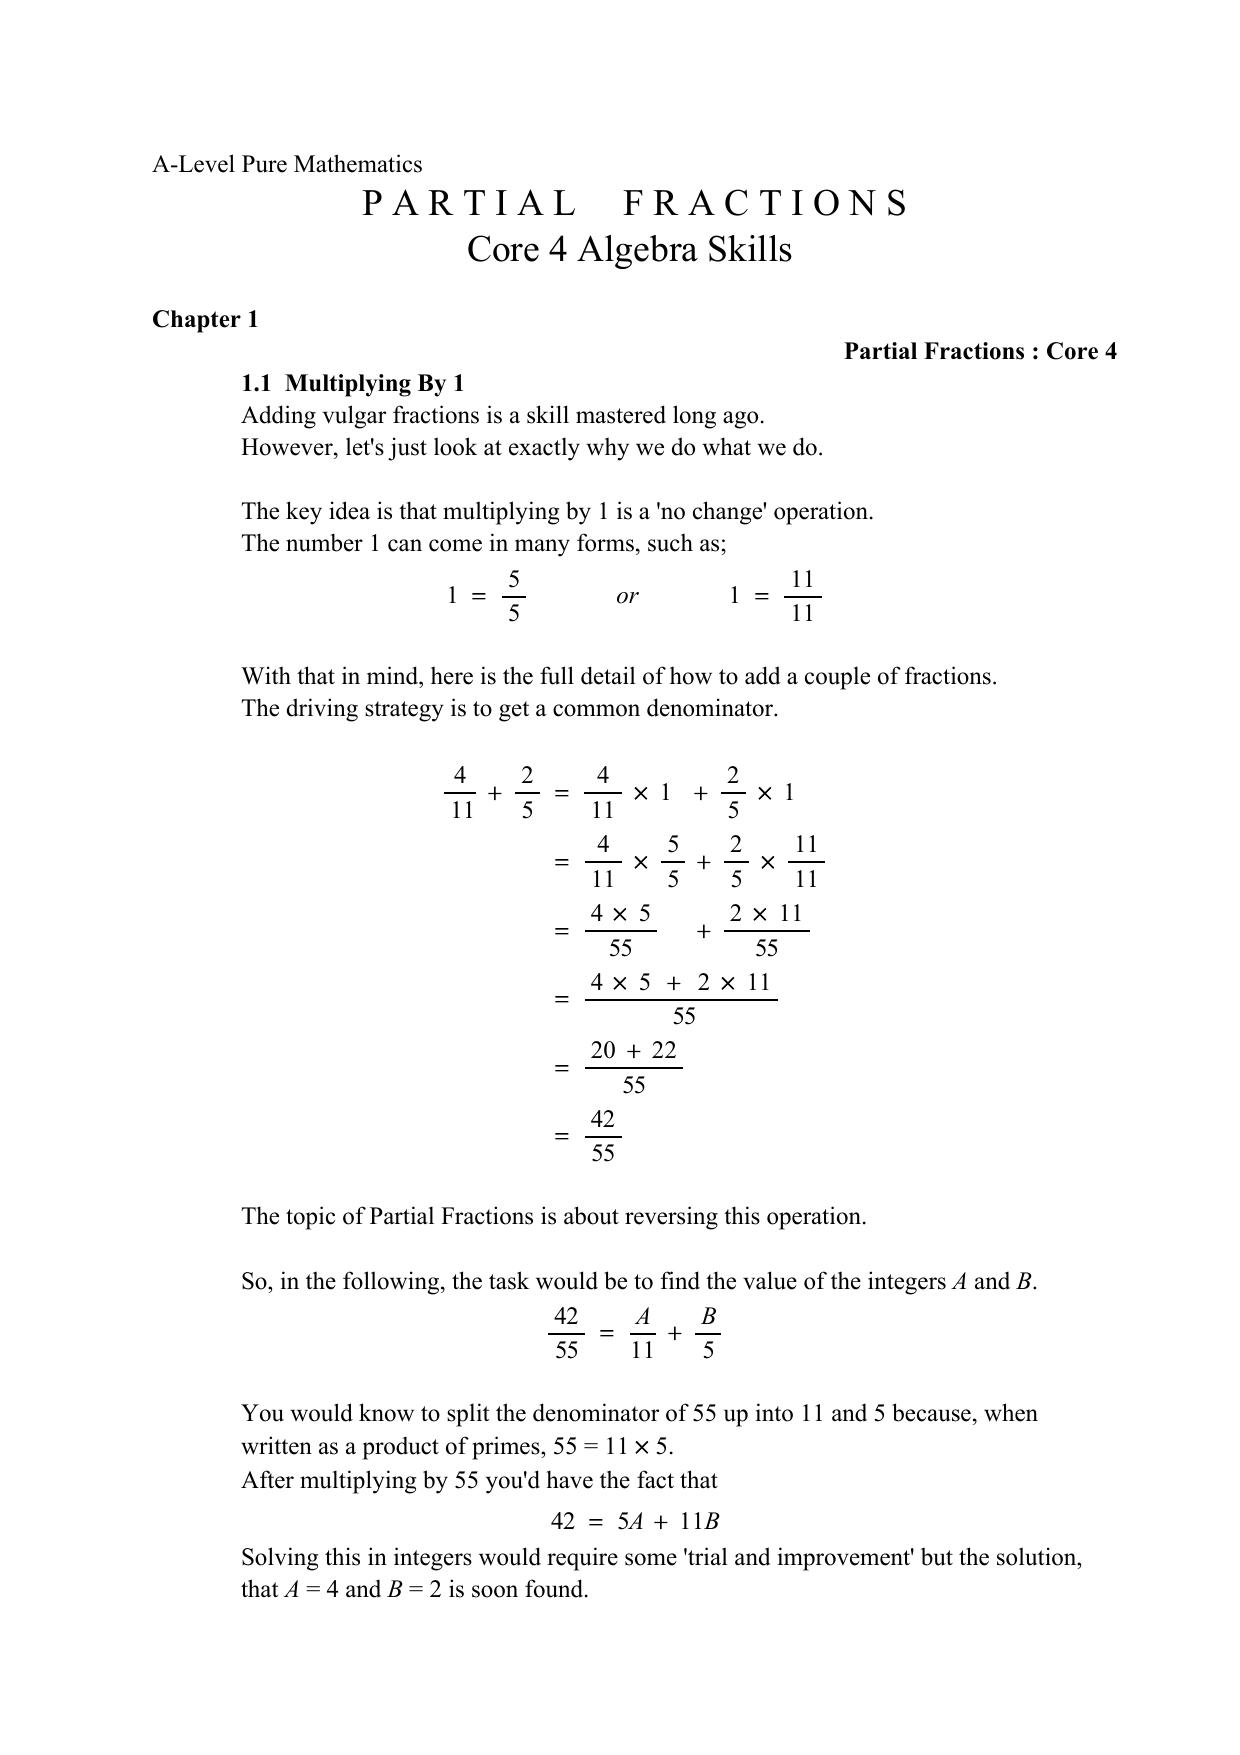 Partial Fractions (C4) PDF